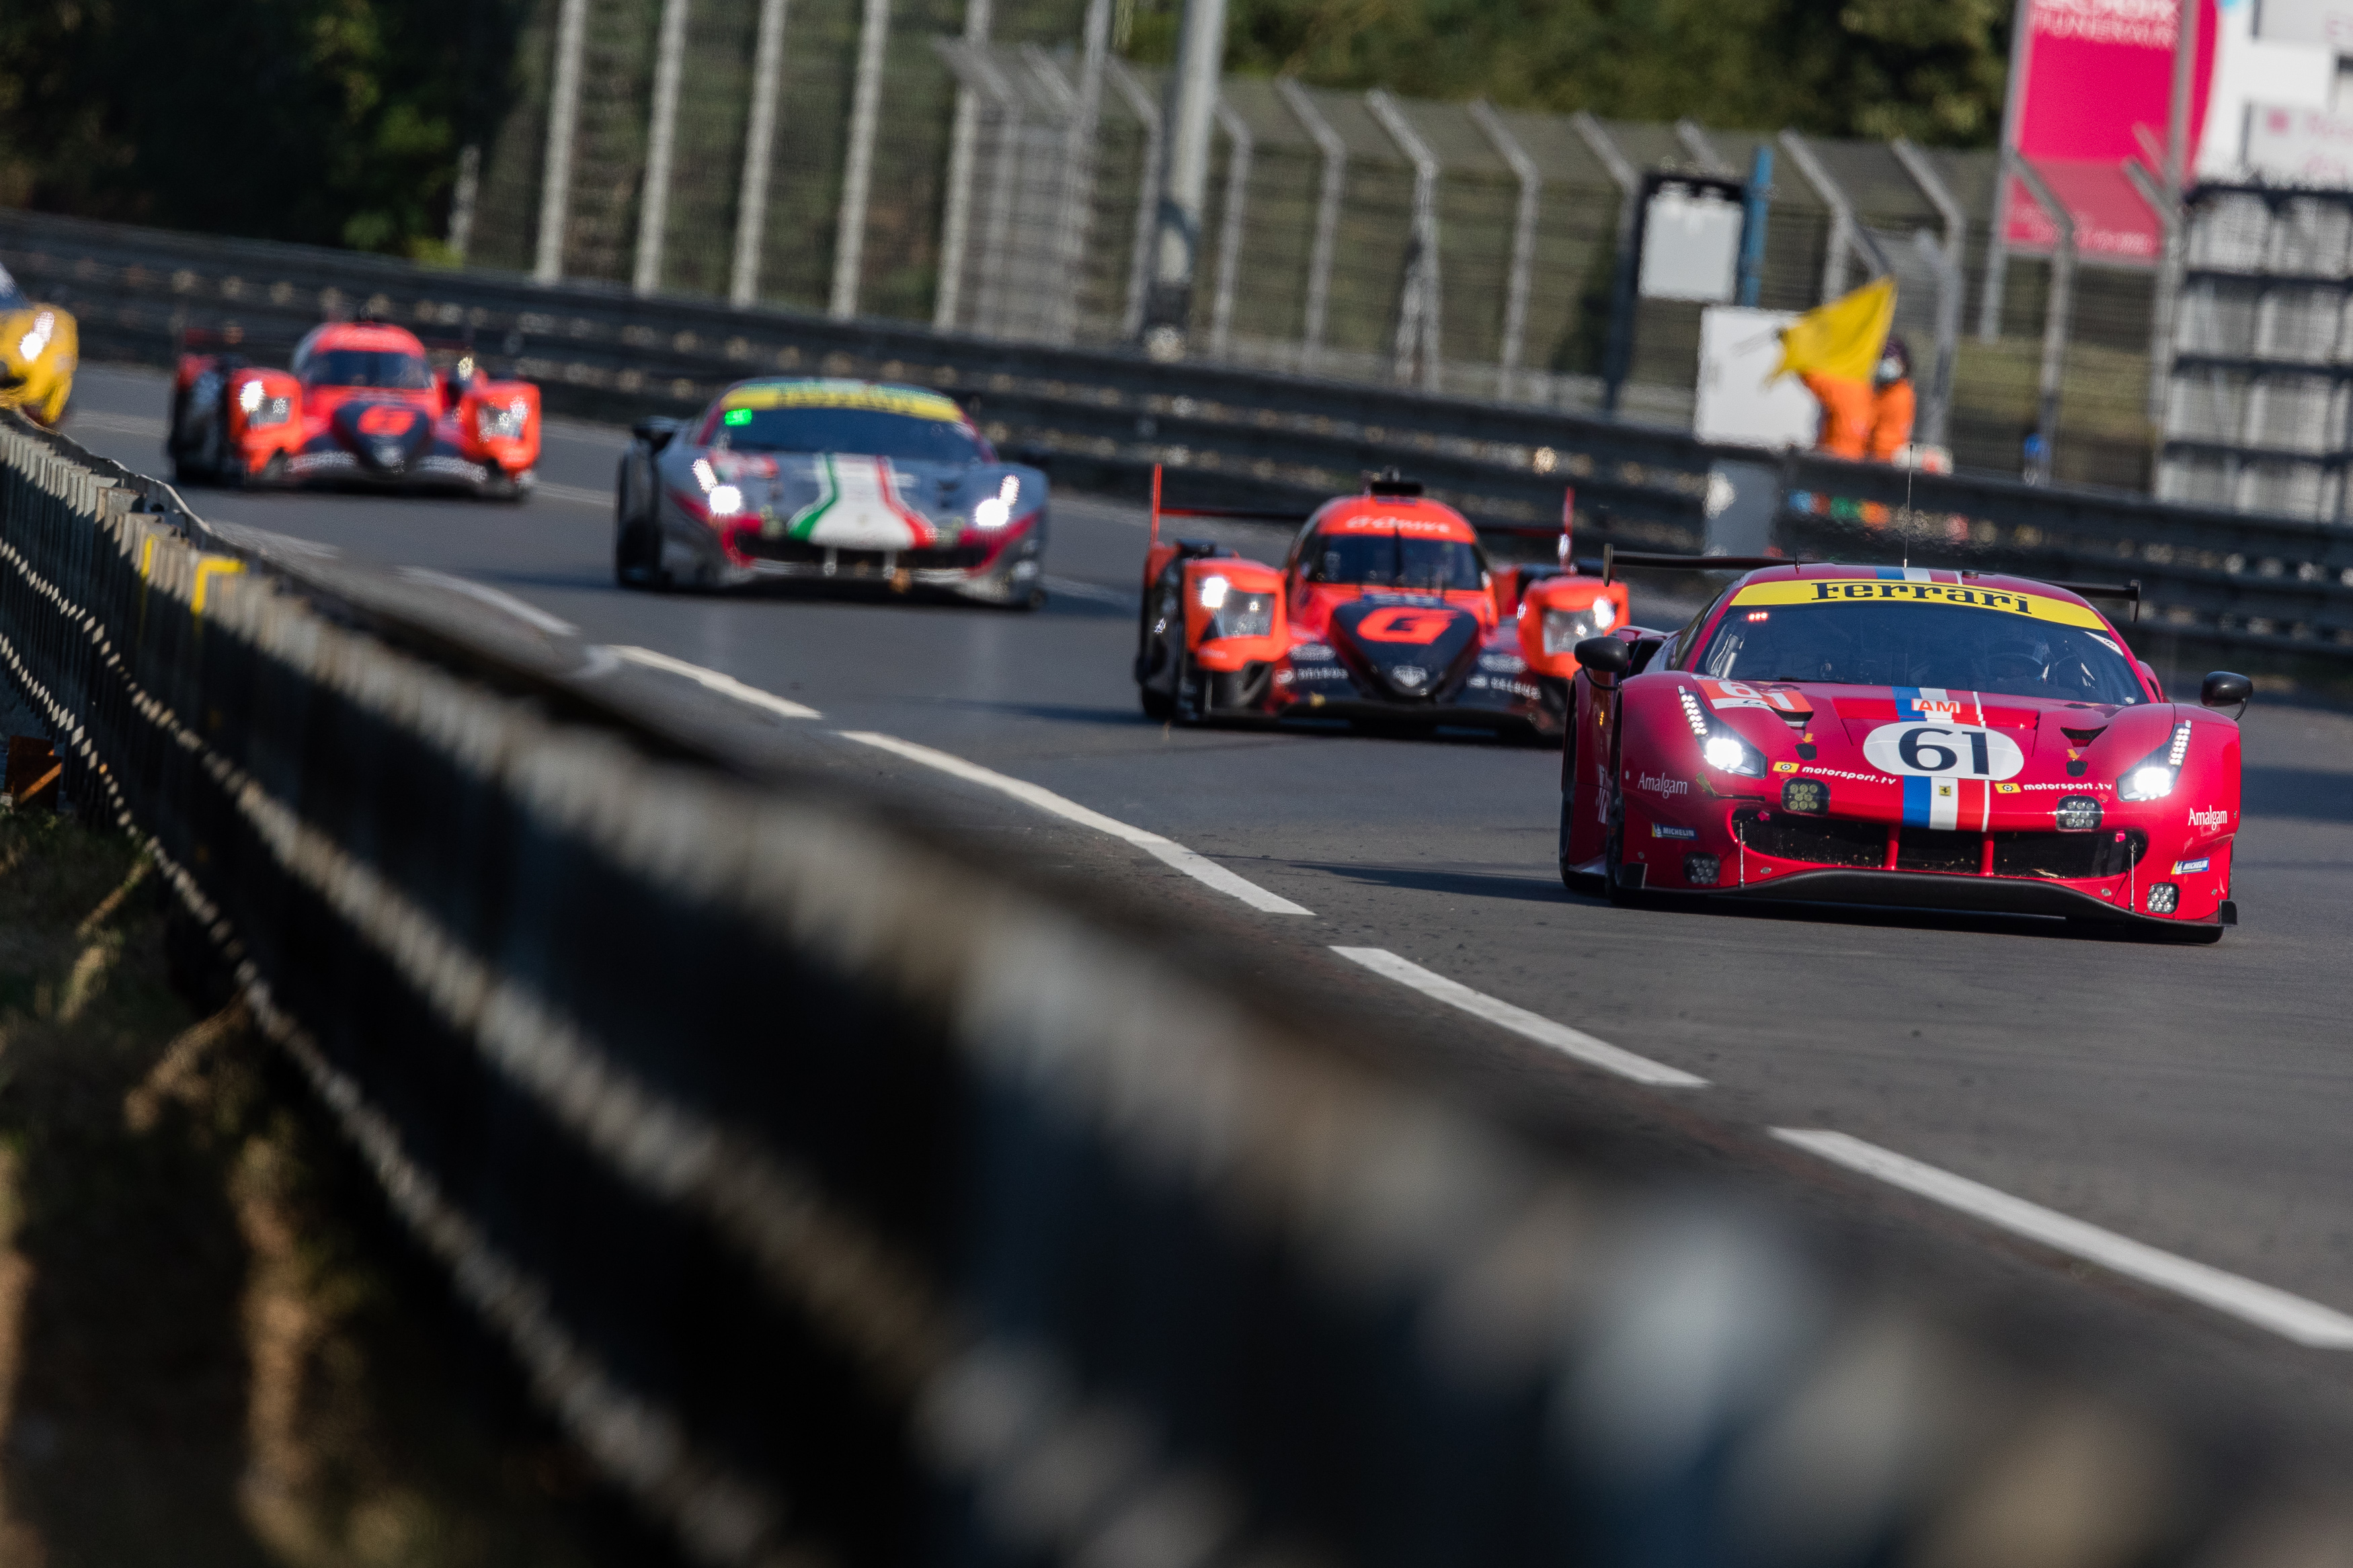 #61 Luzich Racing / Che / Ferrari 488 Gte Evo 24h Of Le Mans Circuit De La Sarthe Le Mans France